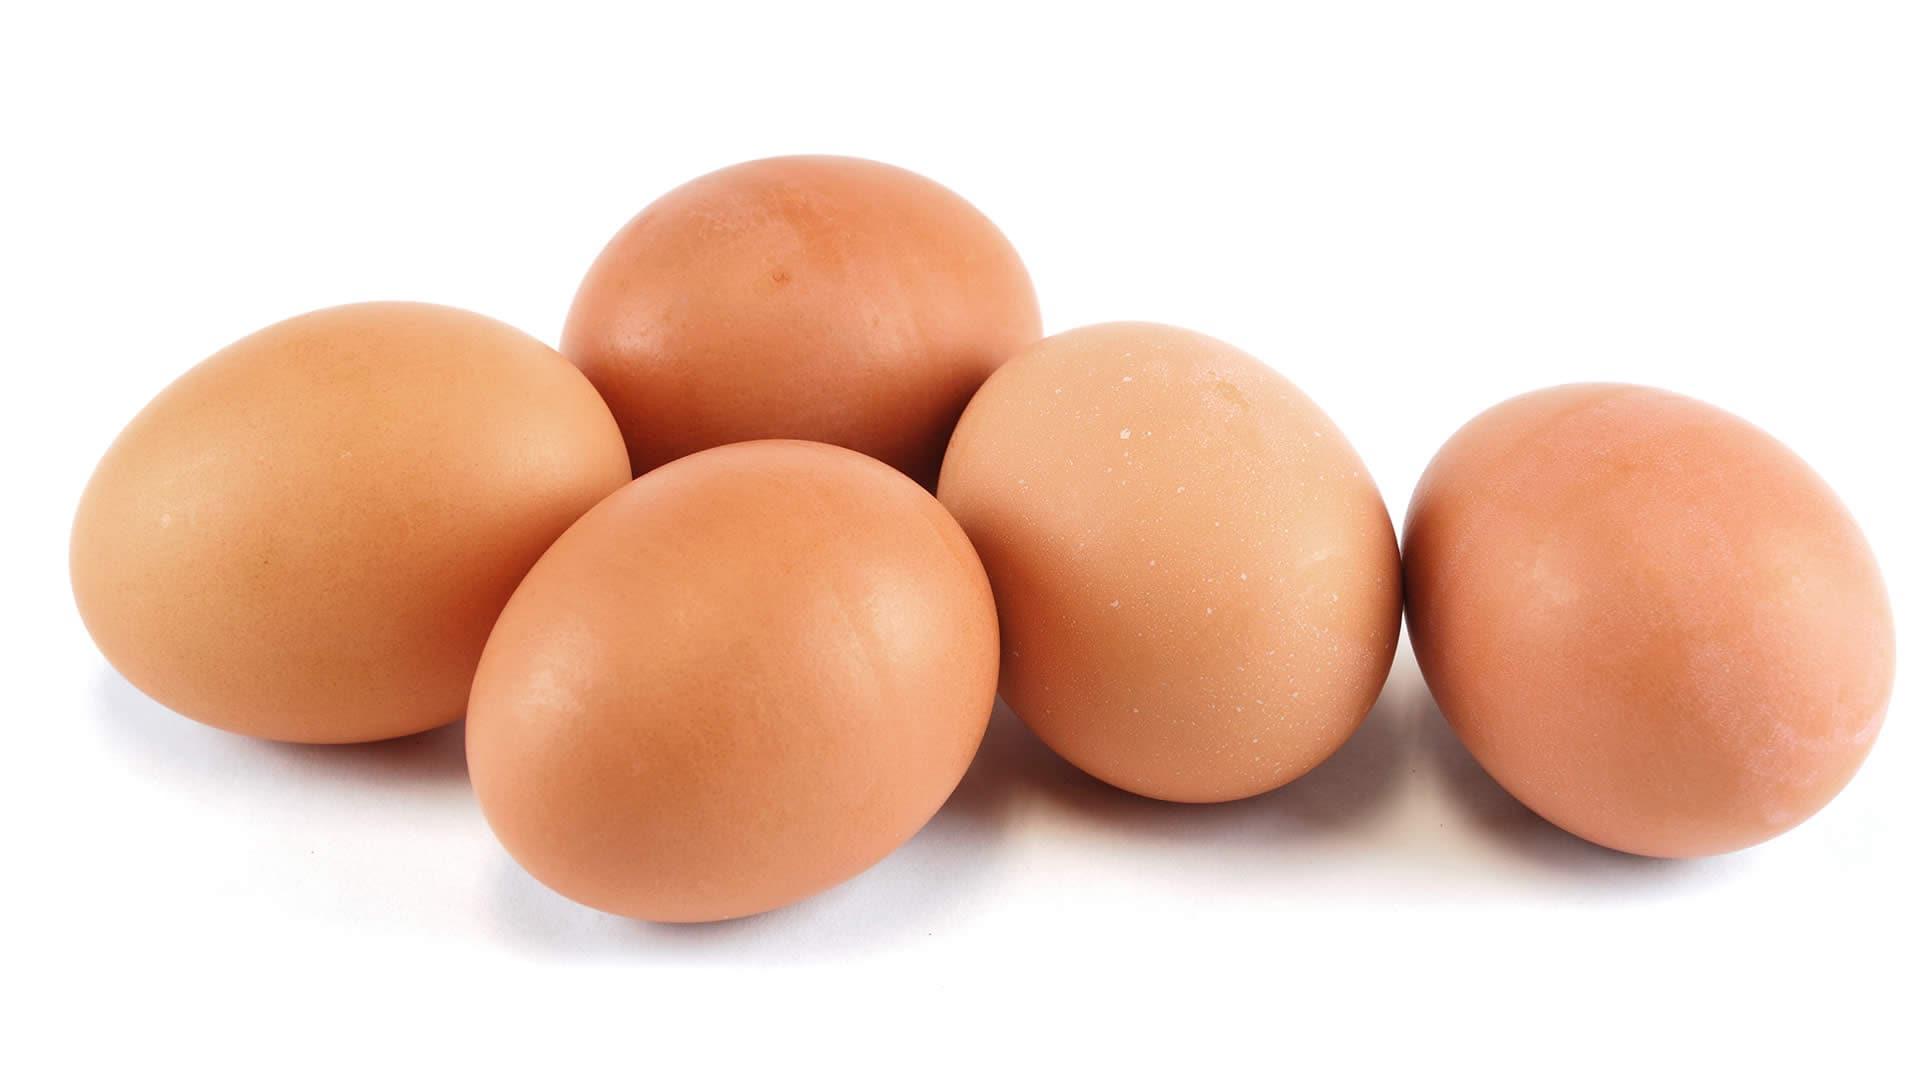 Foto Come Preparare un Cuore con un Uovo Sodo